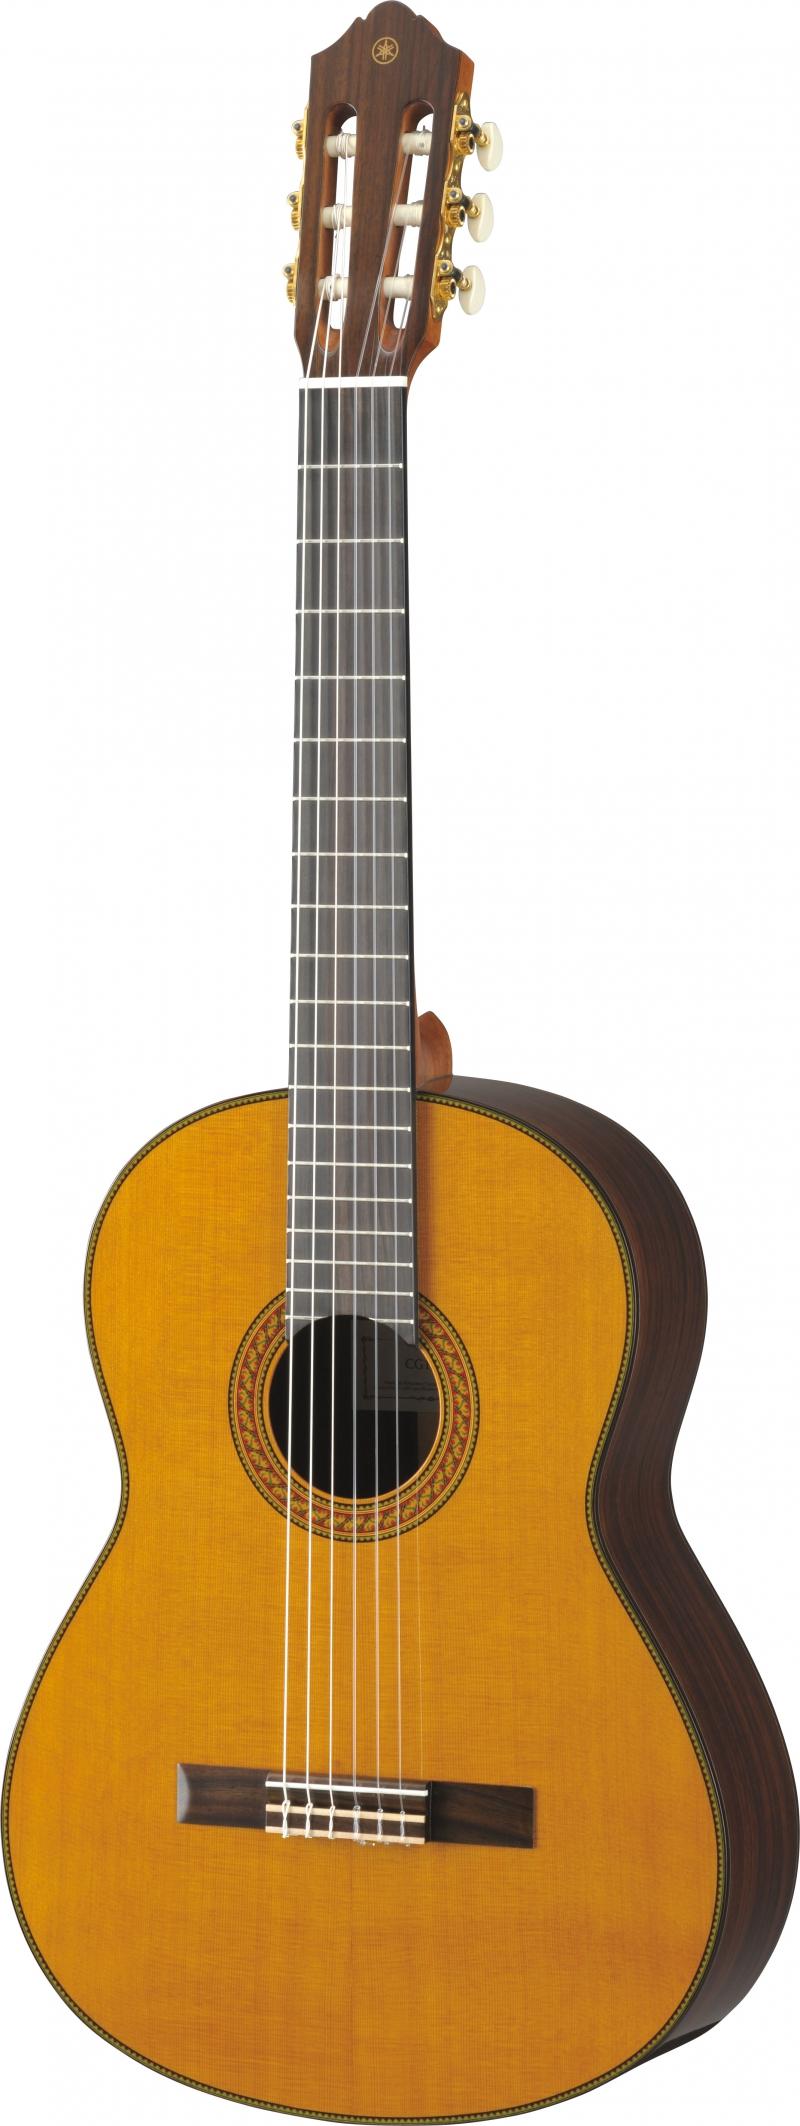 Yamaha CG192C klasiskā ģitāra